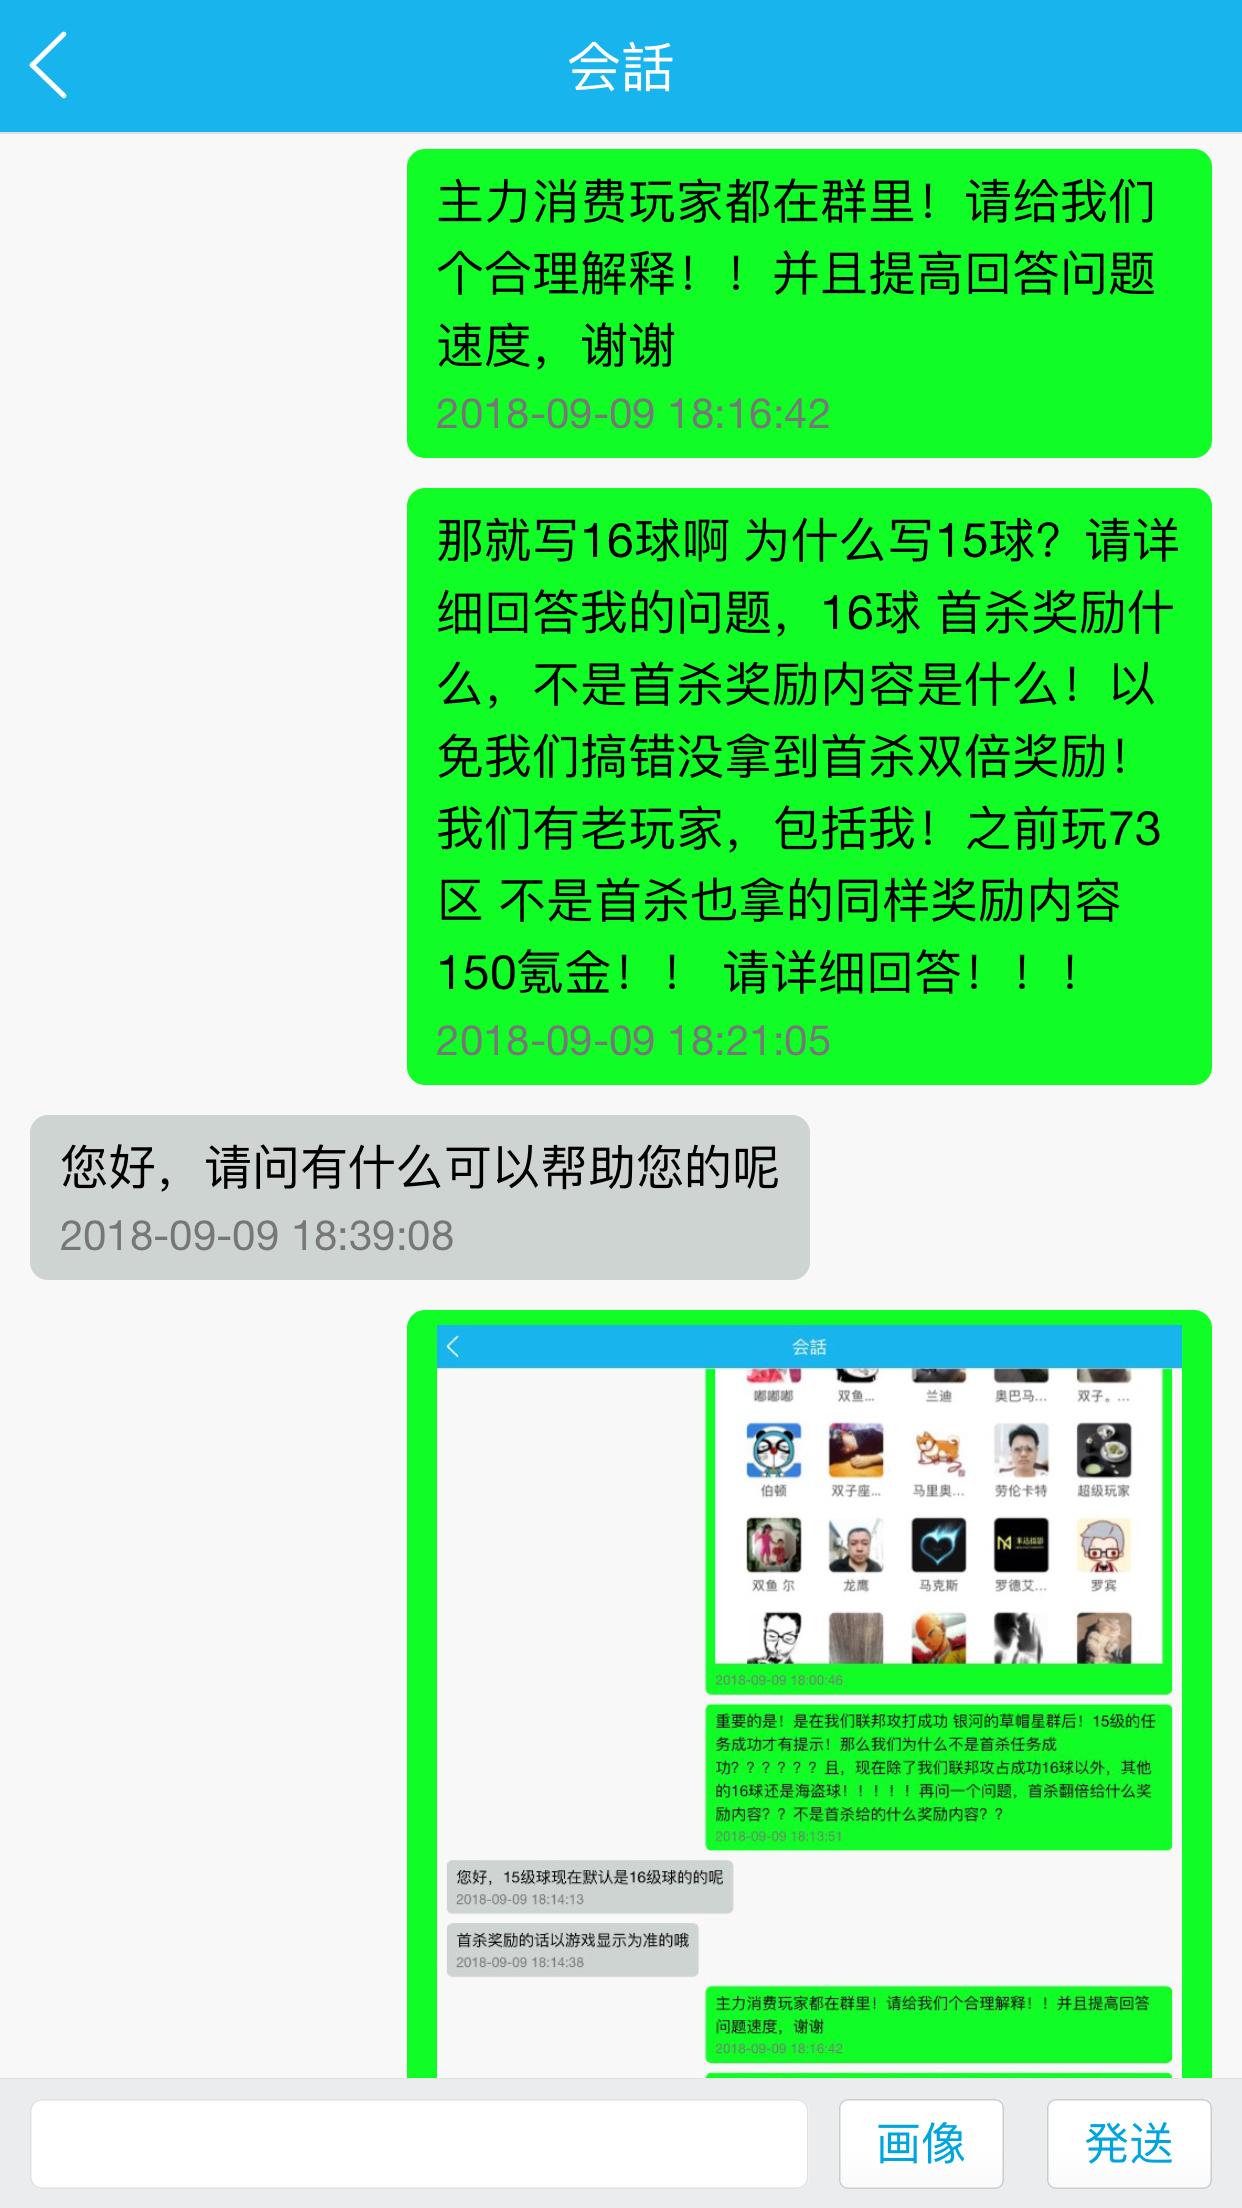 092D4245-D205-49A5-BB95-1D4EFD240ADC.png